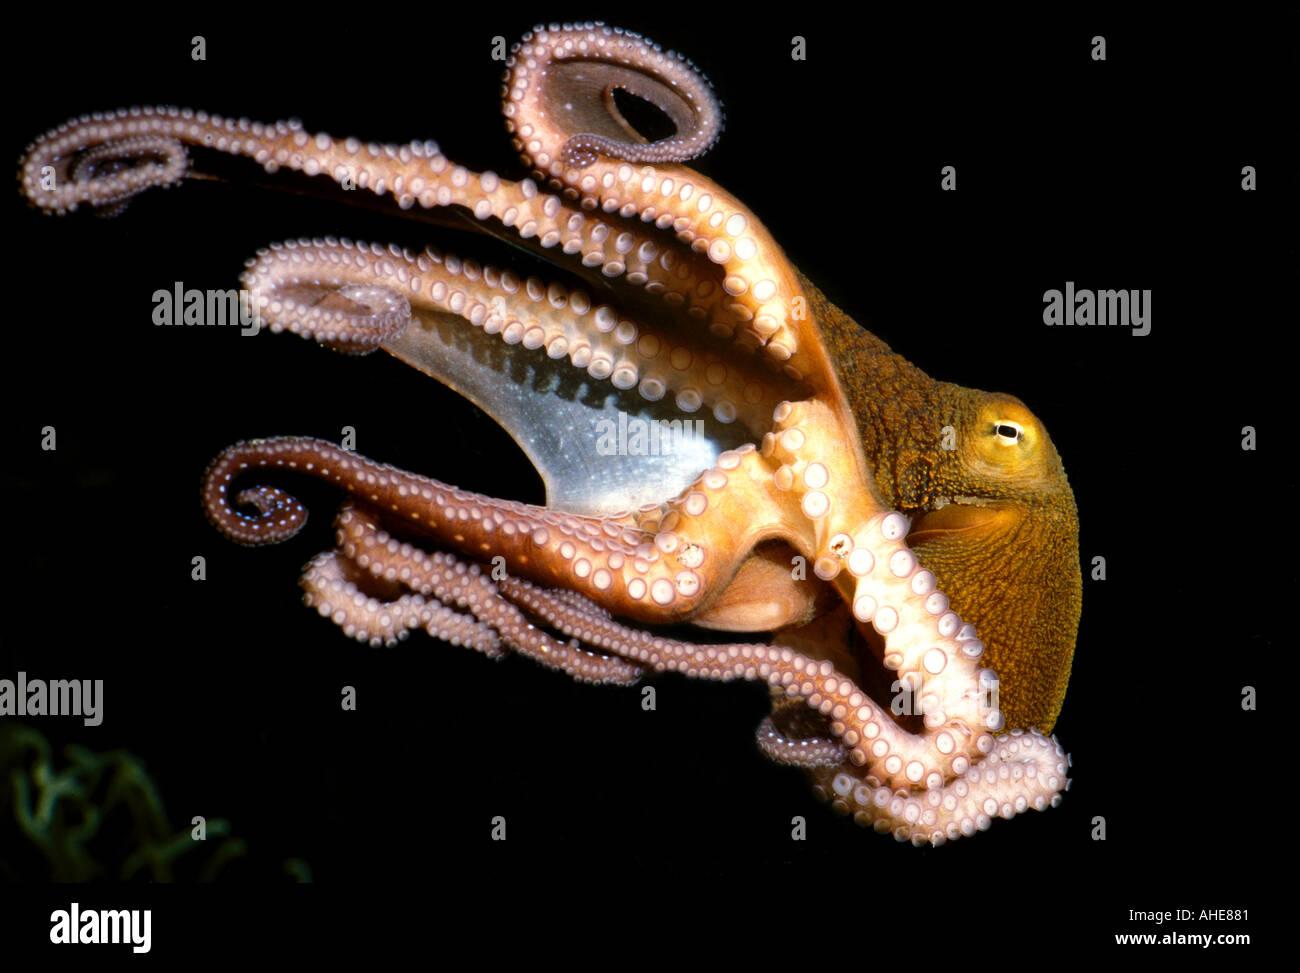 Octopus nuoto otto tentacoli con ventose visibile Immagini Stock